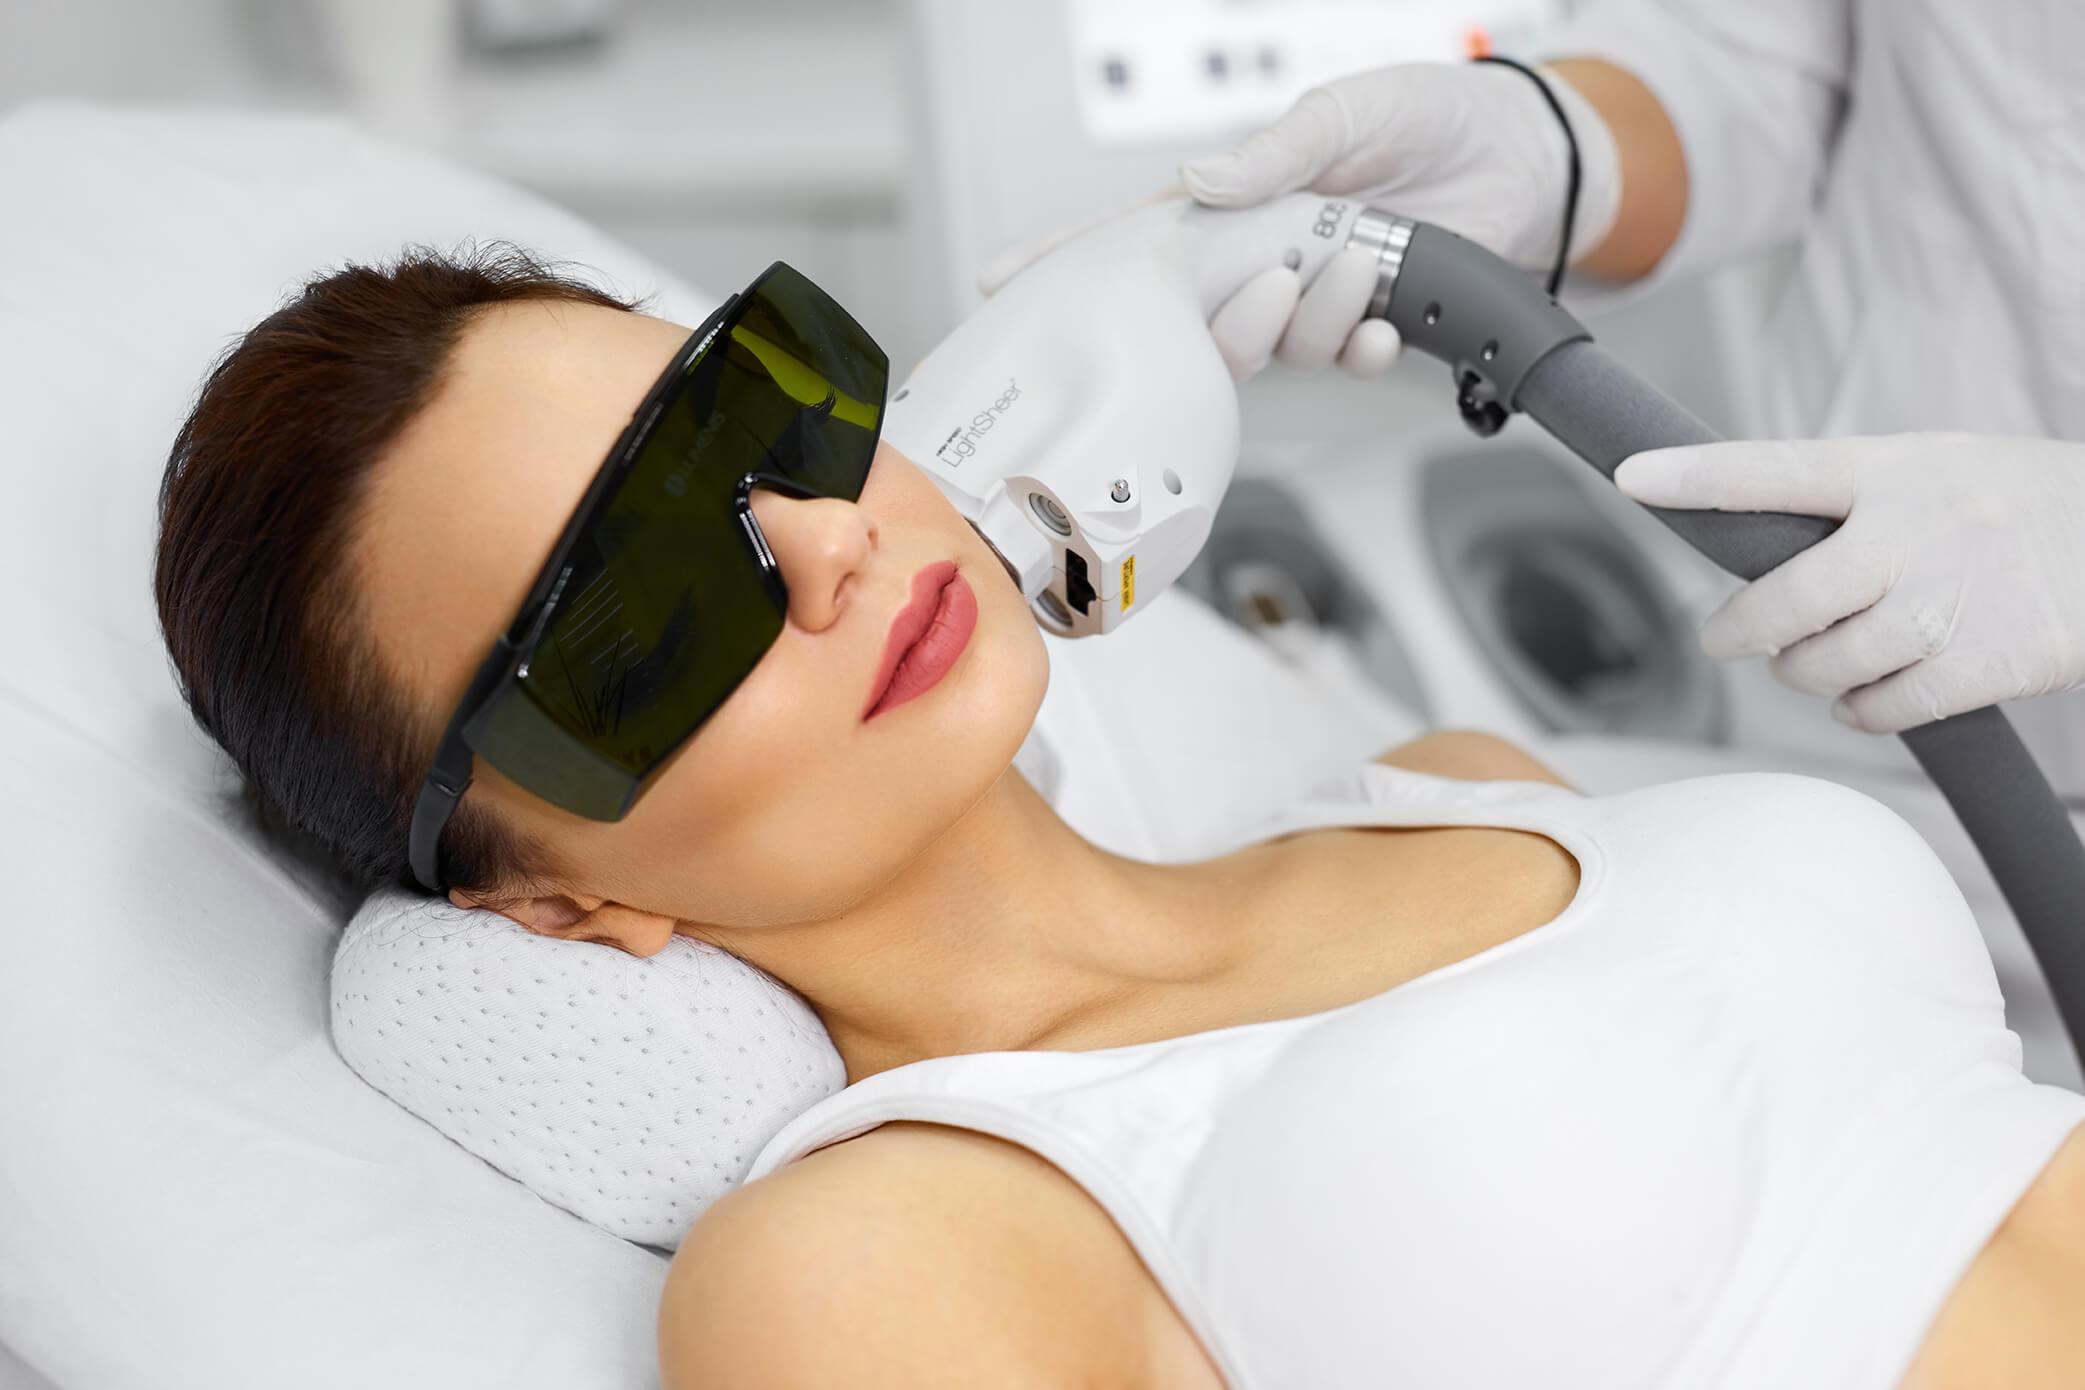 Лазерная эпиляция лица: удаление волос на лице лазером навсегда